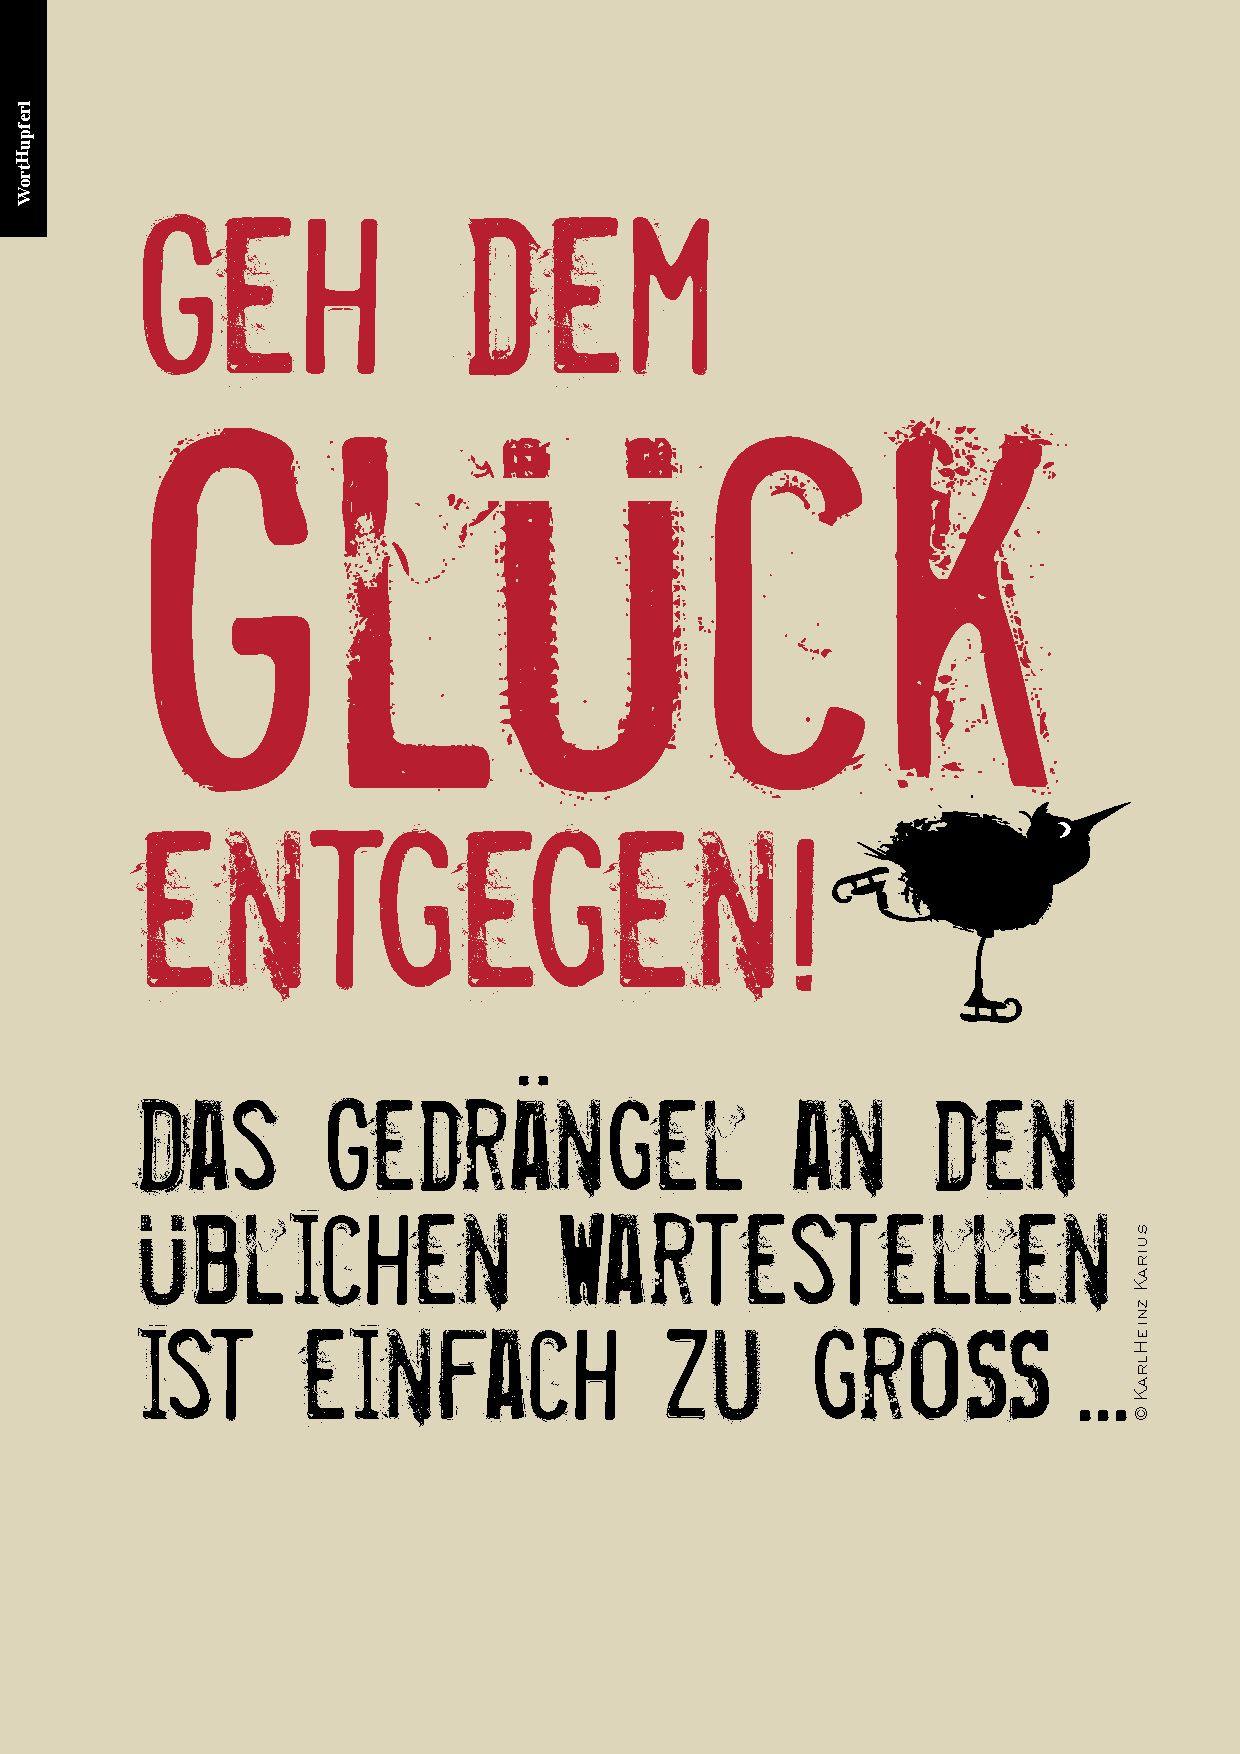 WortHupferl © KarlHeinz Karius Herzlich Willkommen Zum WortHupferl Des  Tages Und Den Hupferlnden Geschenkbüchlein Des Autors